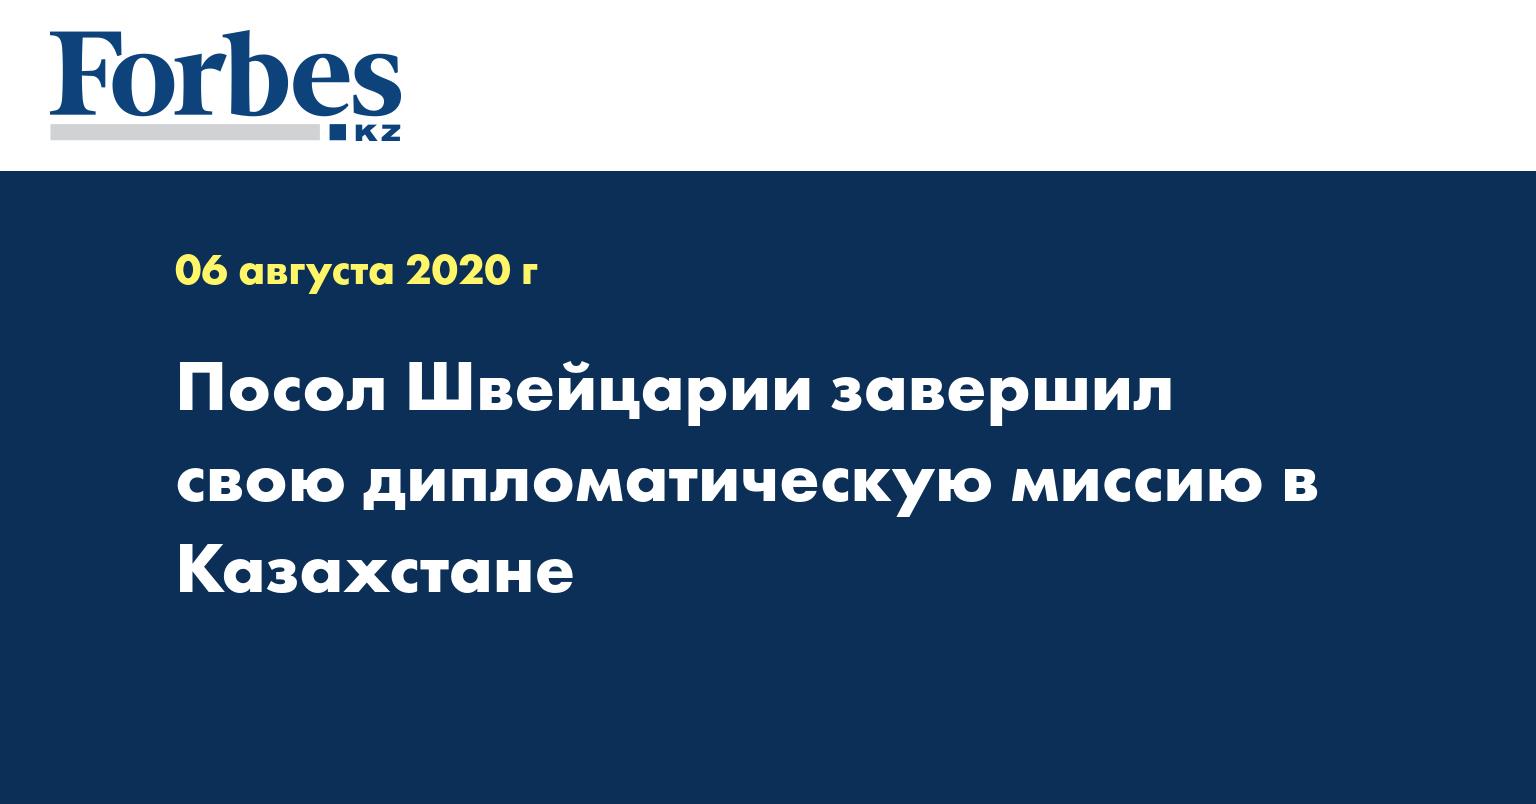 Посол Швейцарии завершил свою дипломатическую миссию в Казахстане